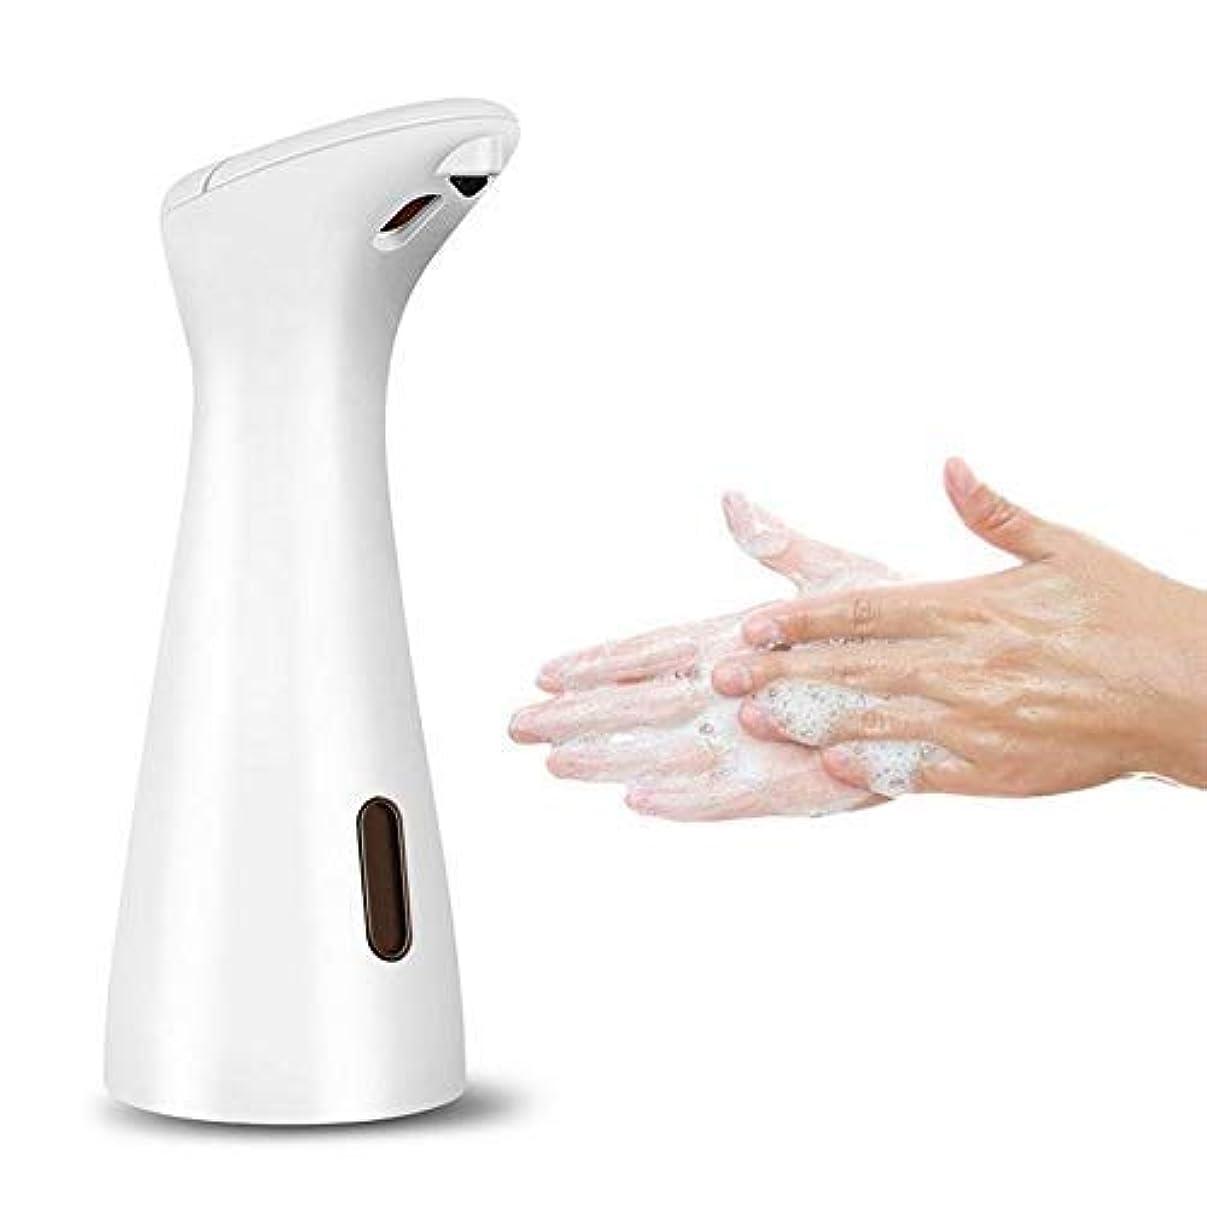 誘惑するドローパズル200ミリリットルabs自動誘導石鹸ディスペンサー赤外線ハンズフリーセパレーター付き浴室キッチン用